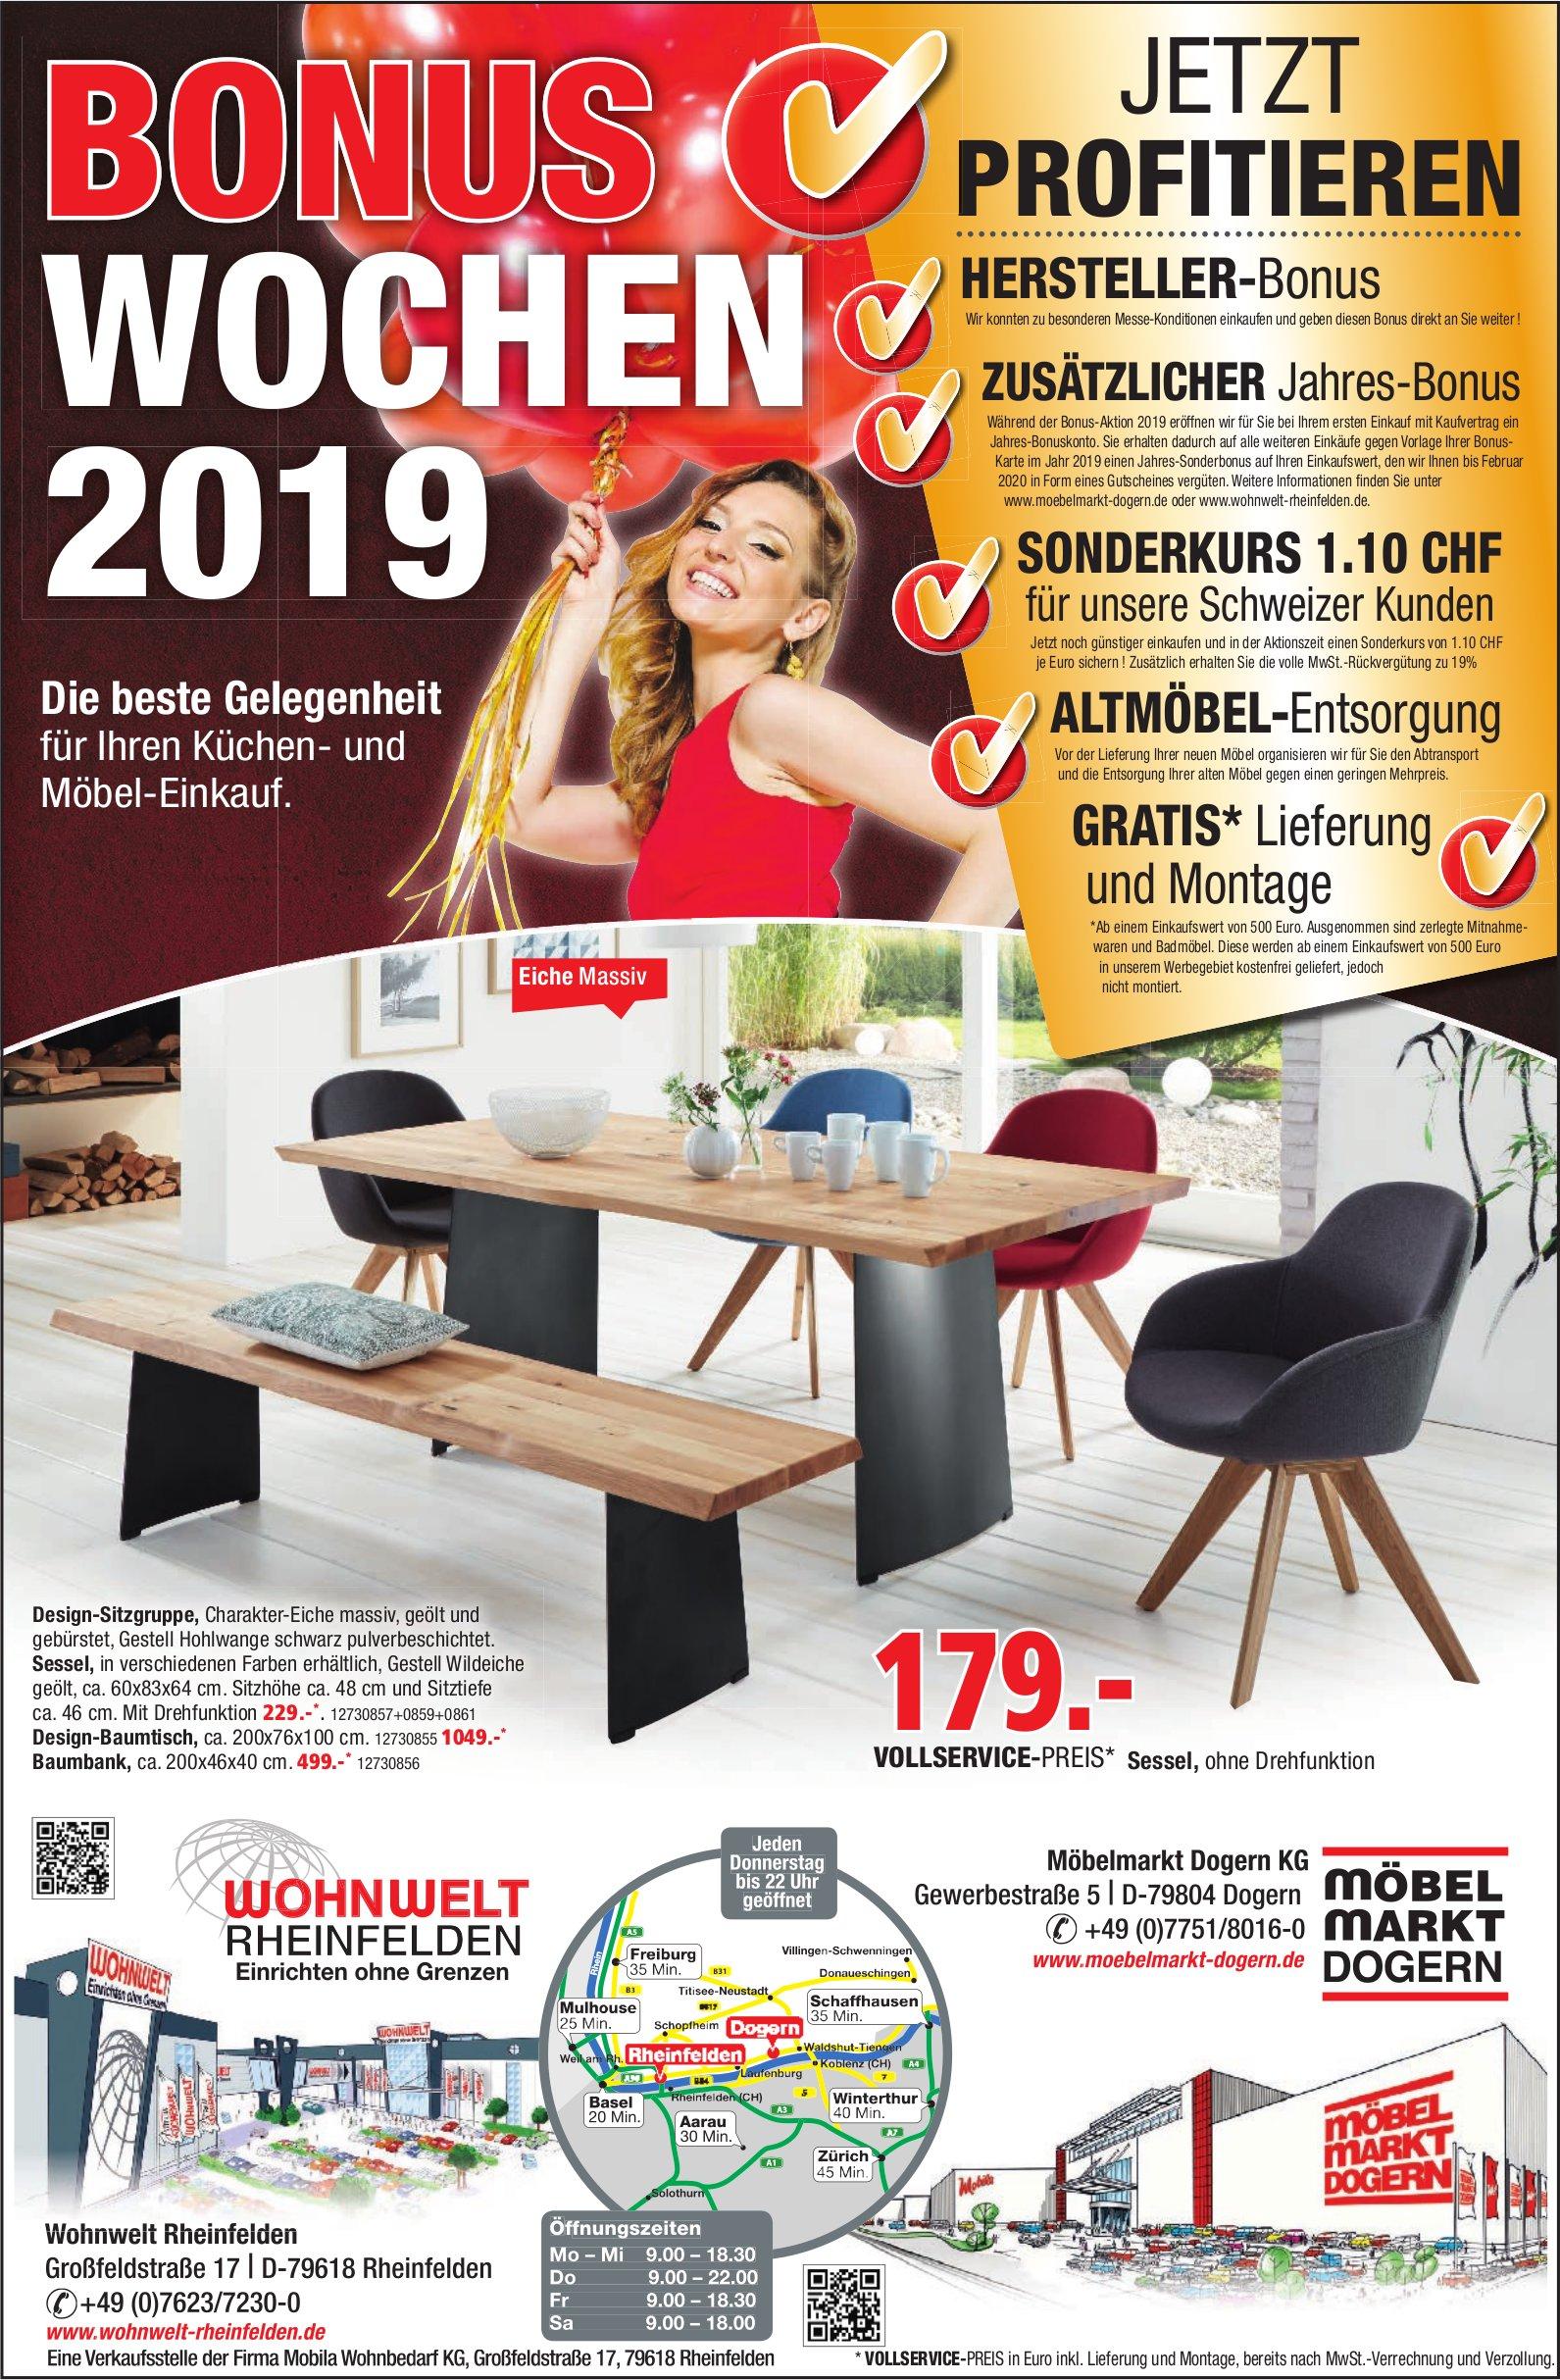 Wohnwelt Rheinfelden Möbelmarkt Dogern Kg Bonus Wochen 2019